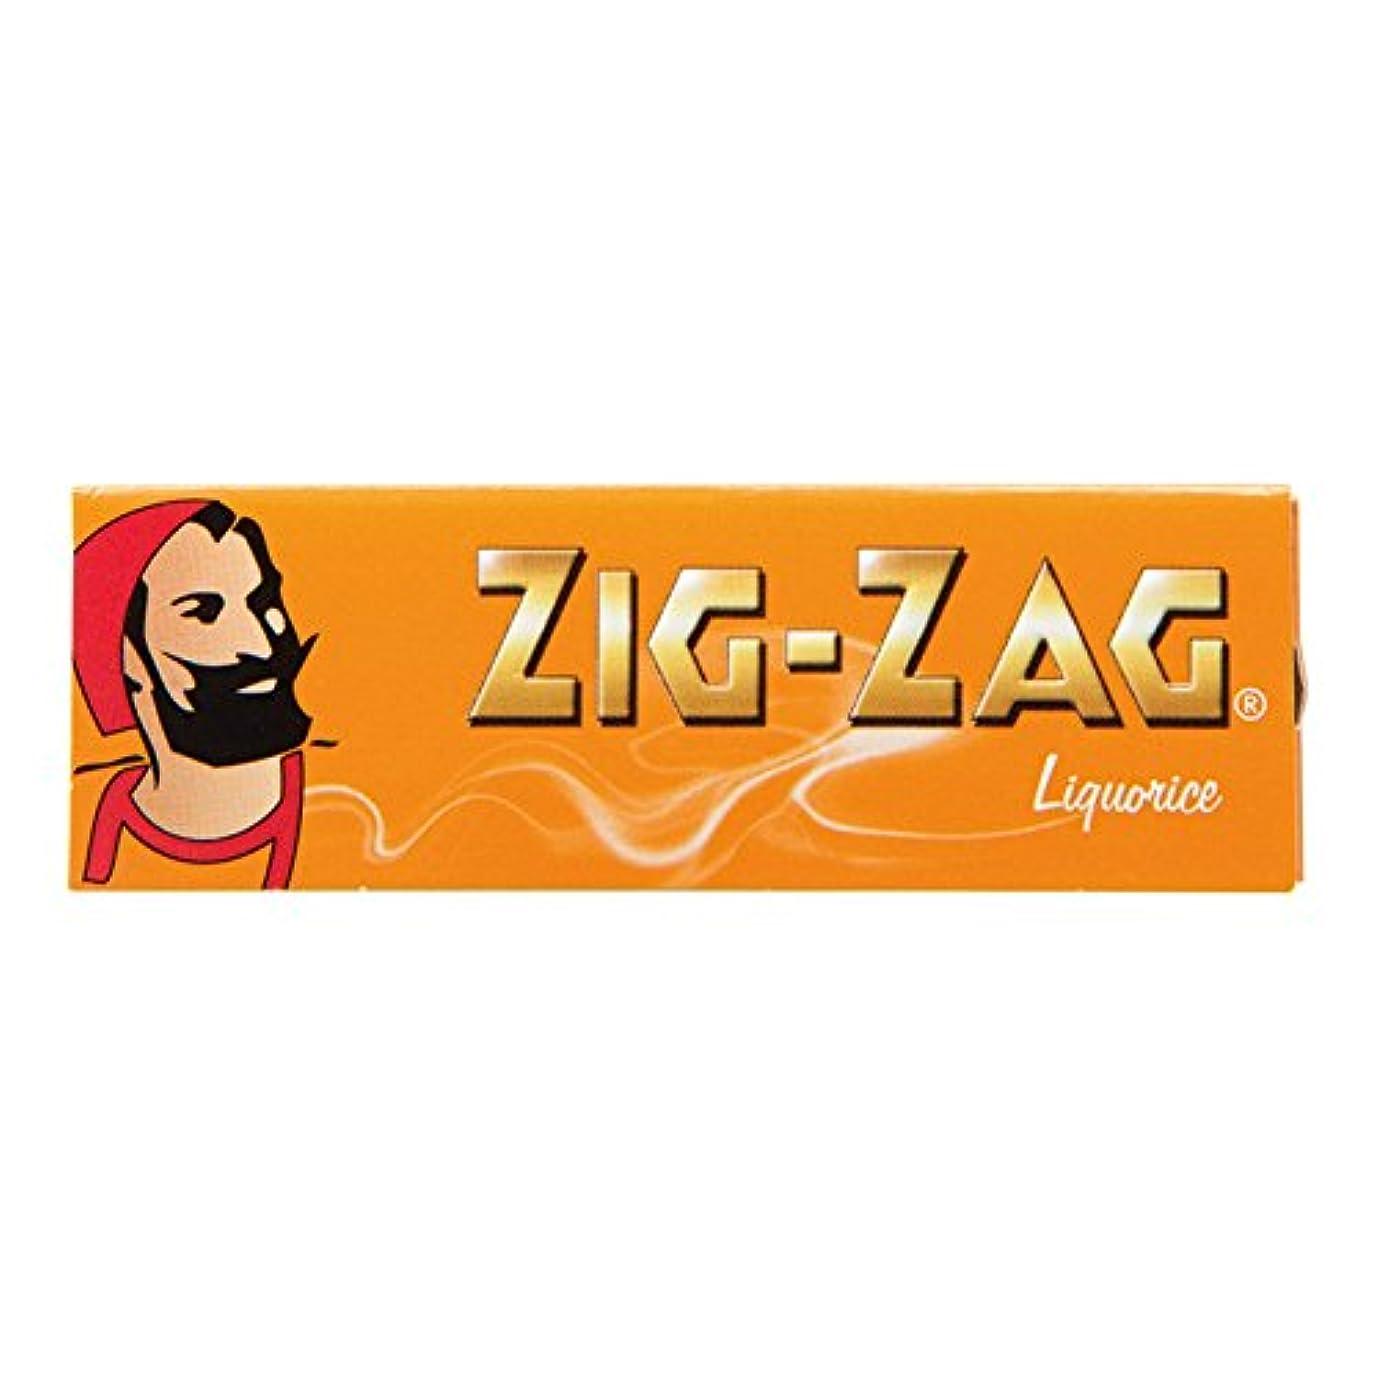 経験者岸湿度[箱買い商品] ZIG-ZAG(ジグザグ)リコリス シングル(70mm)ペーパー 50枚入り 1箱(50個入り) スローバーニング #78881